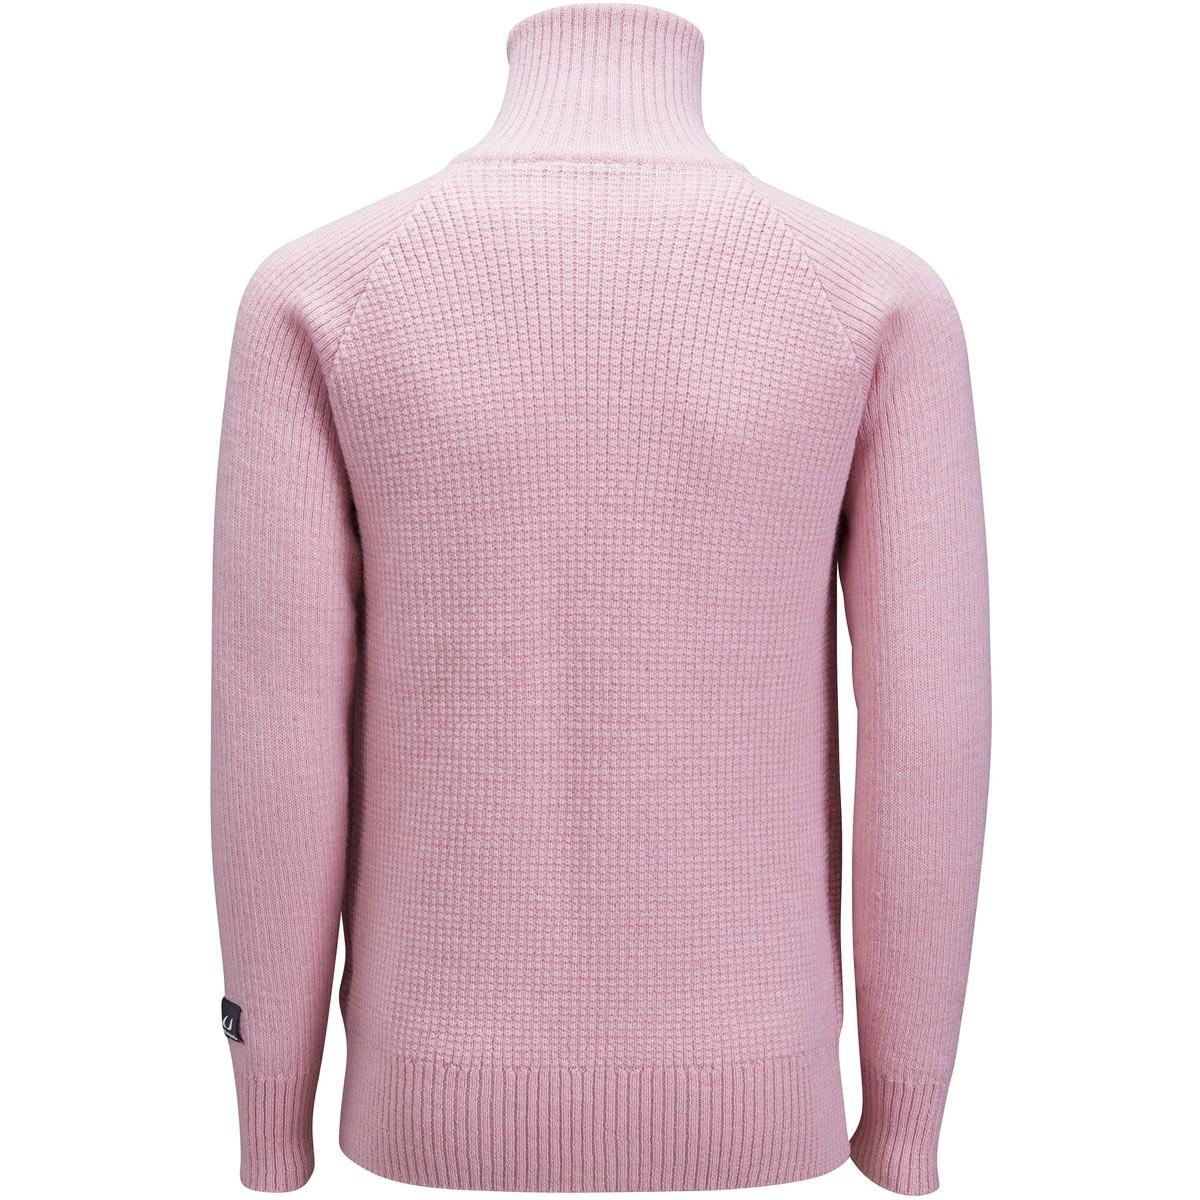 rosa genser til barn Livsstil